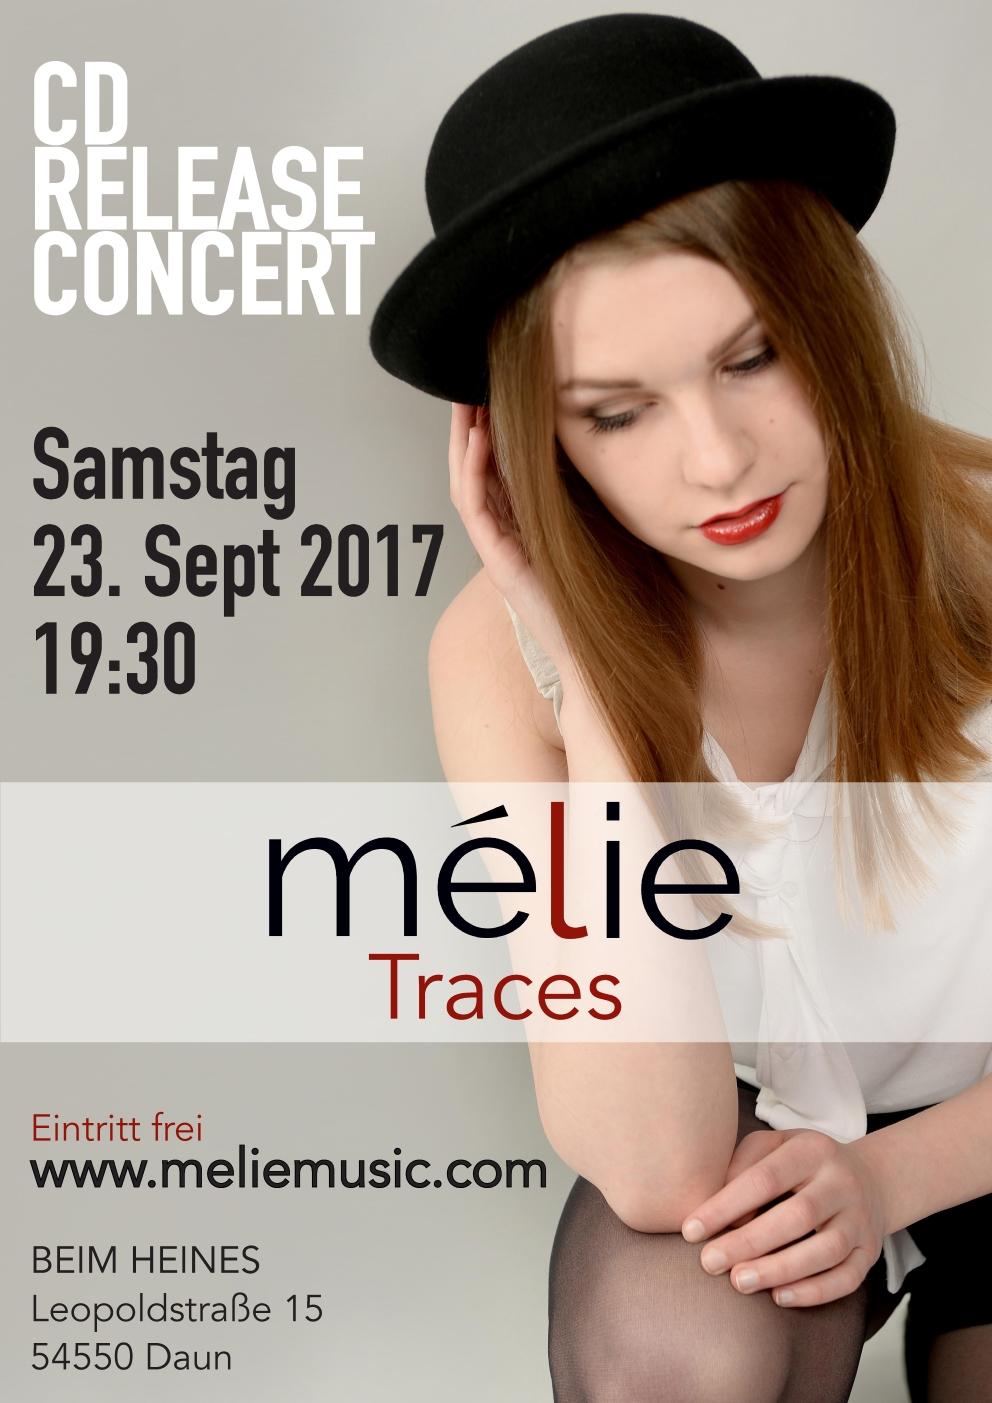 release concert